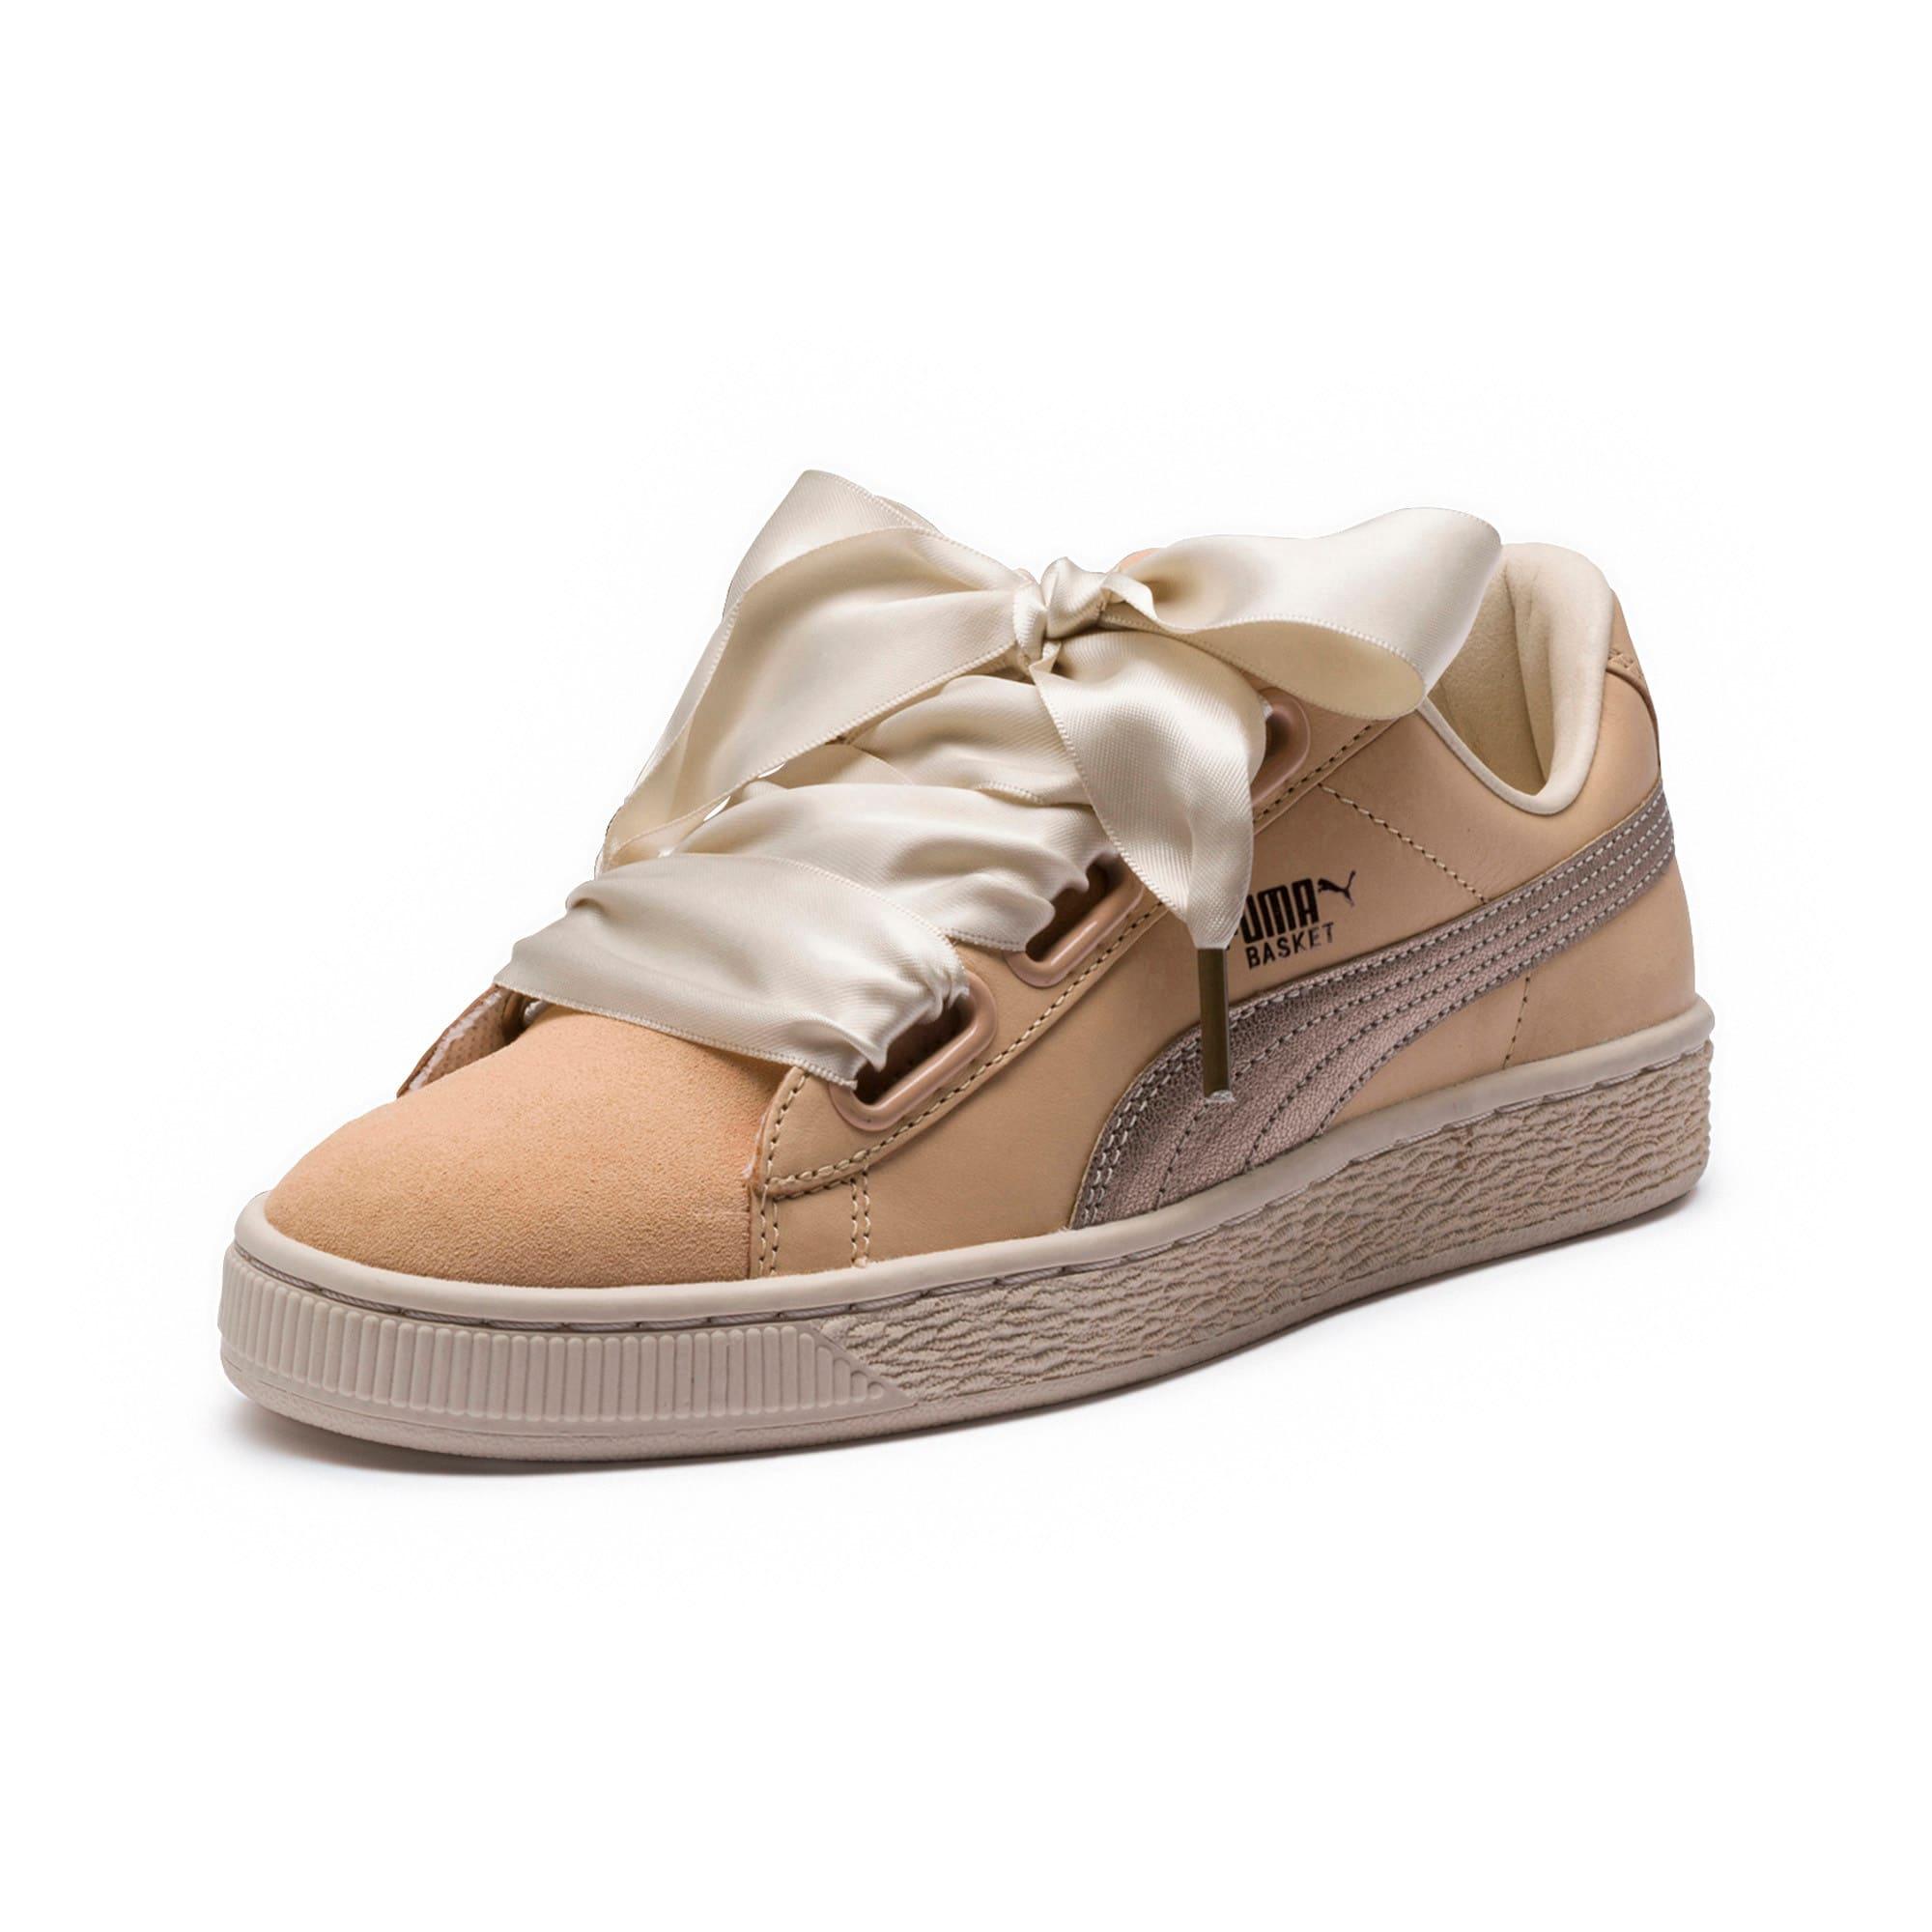 separation shoes 534d3 a6173 Women's Basket Heart Up